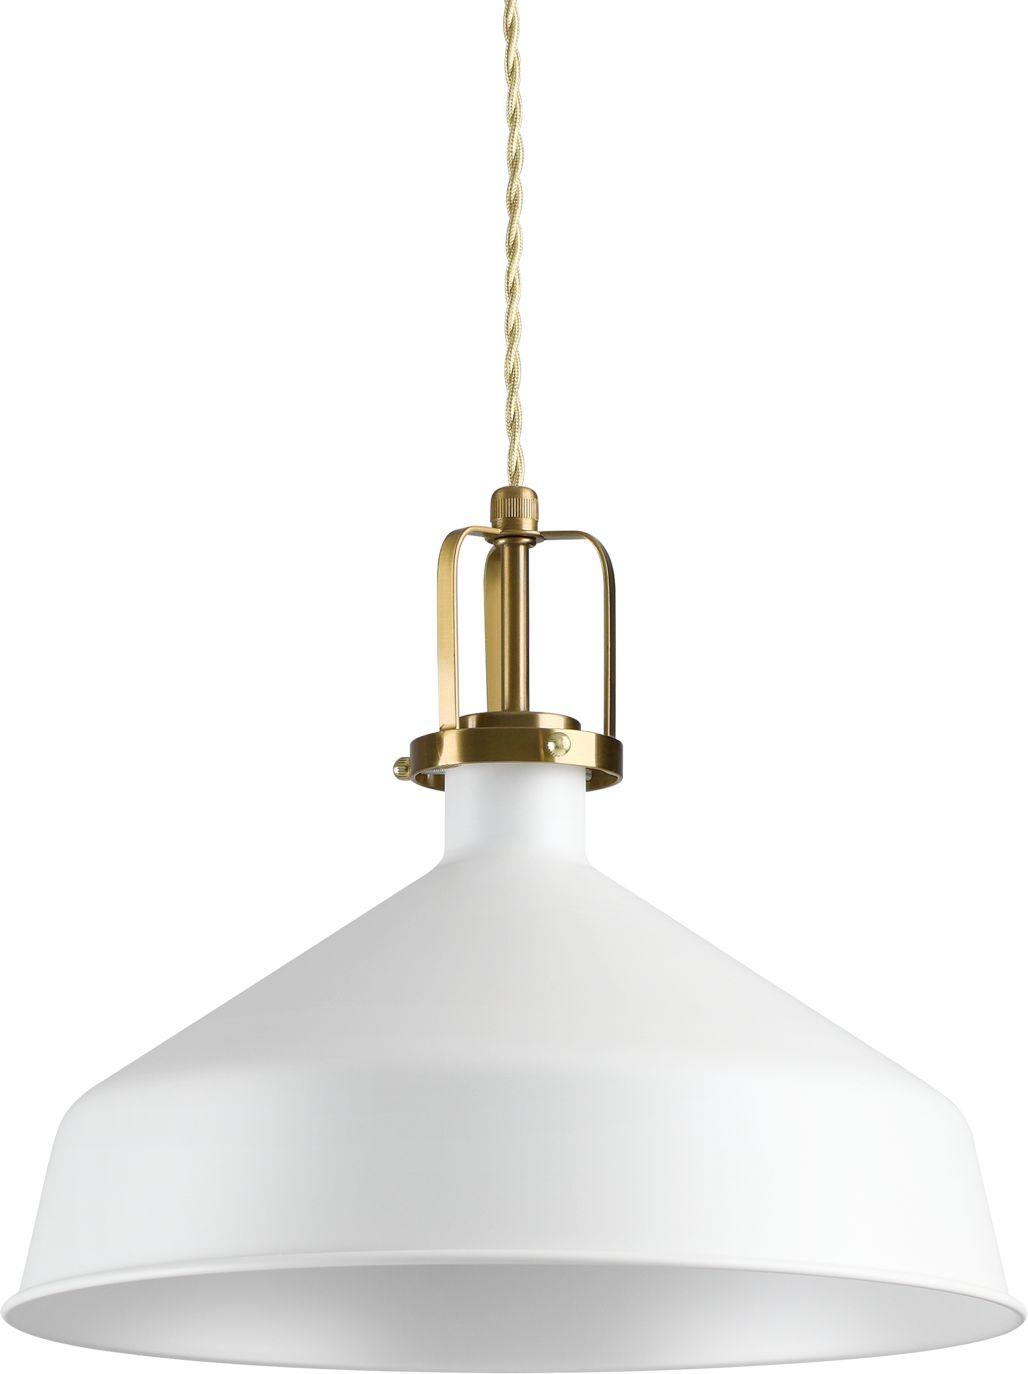 Lampa wisząca Eris 238135 Ideal Lux klasyczna oprawa w kolorze białym